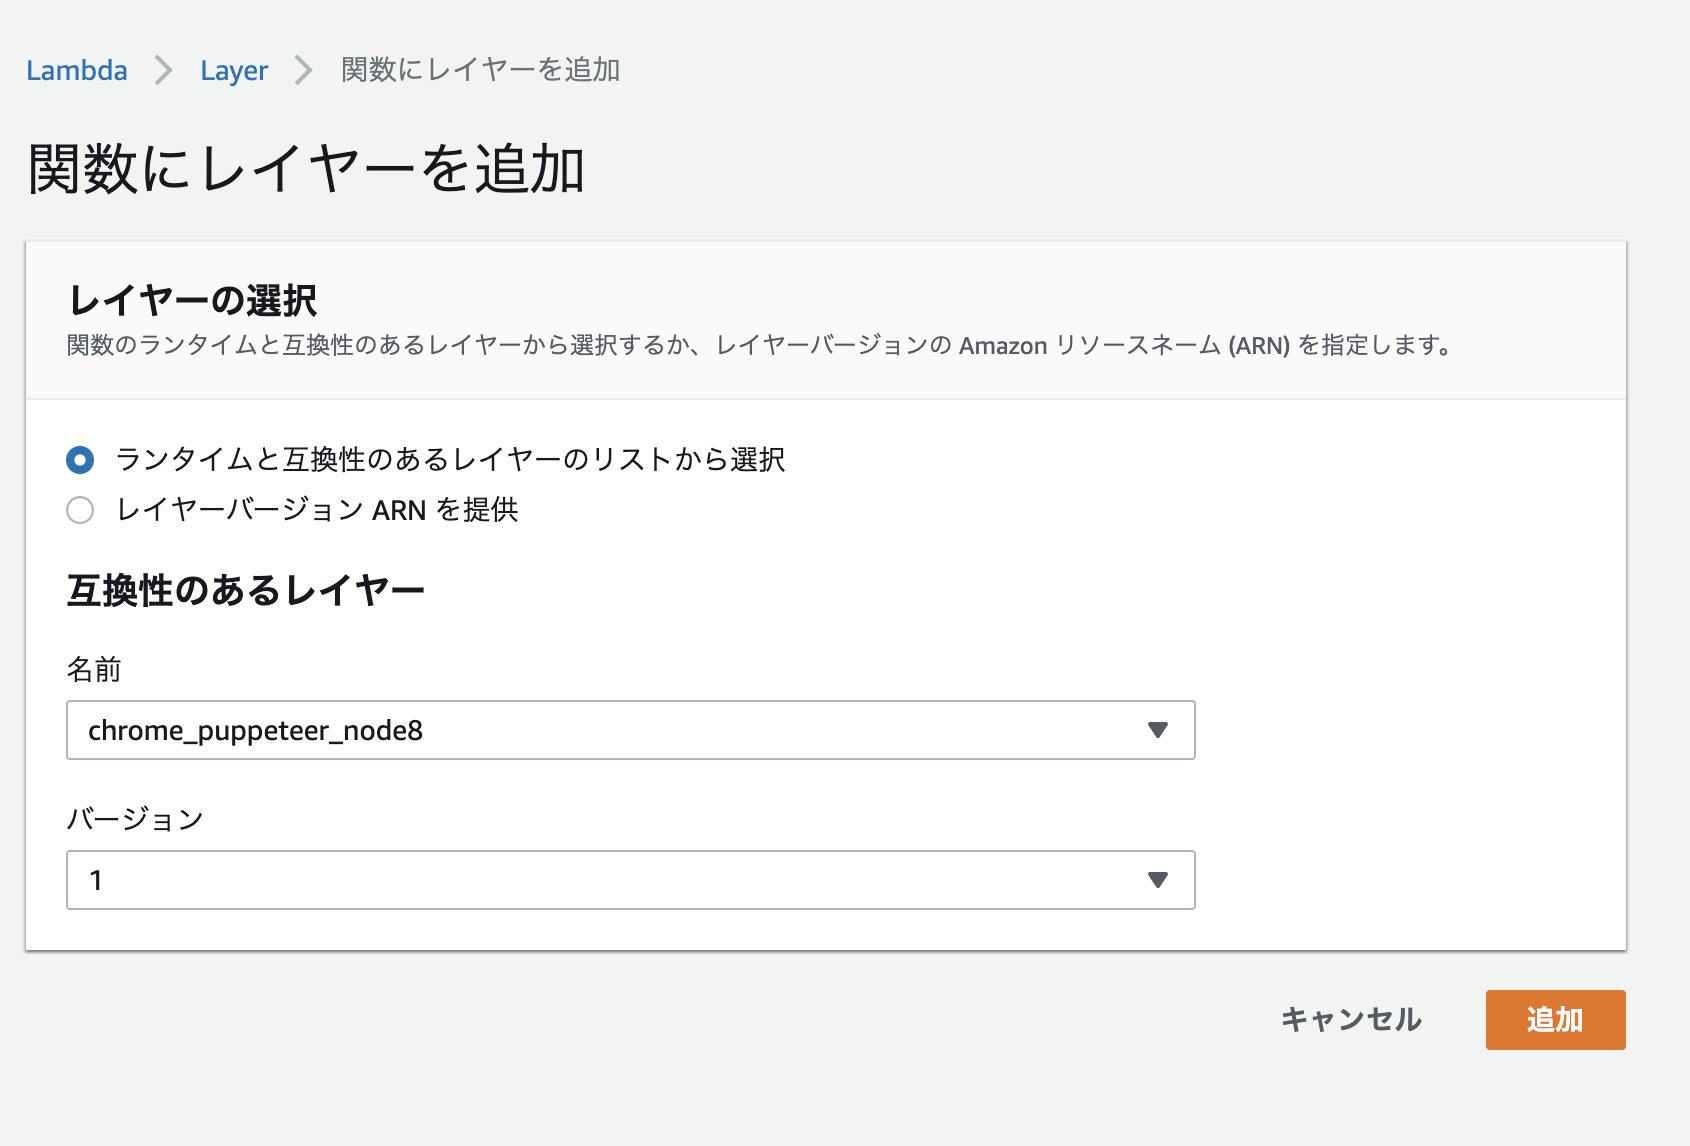 LambdaへのLayer登録説明画面-レイヤー選択